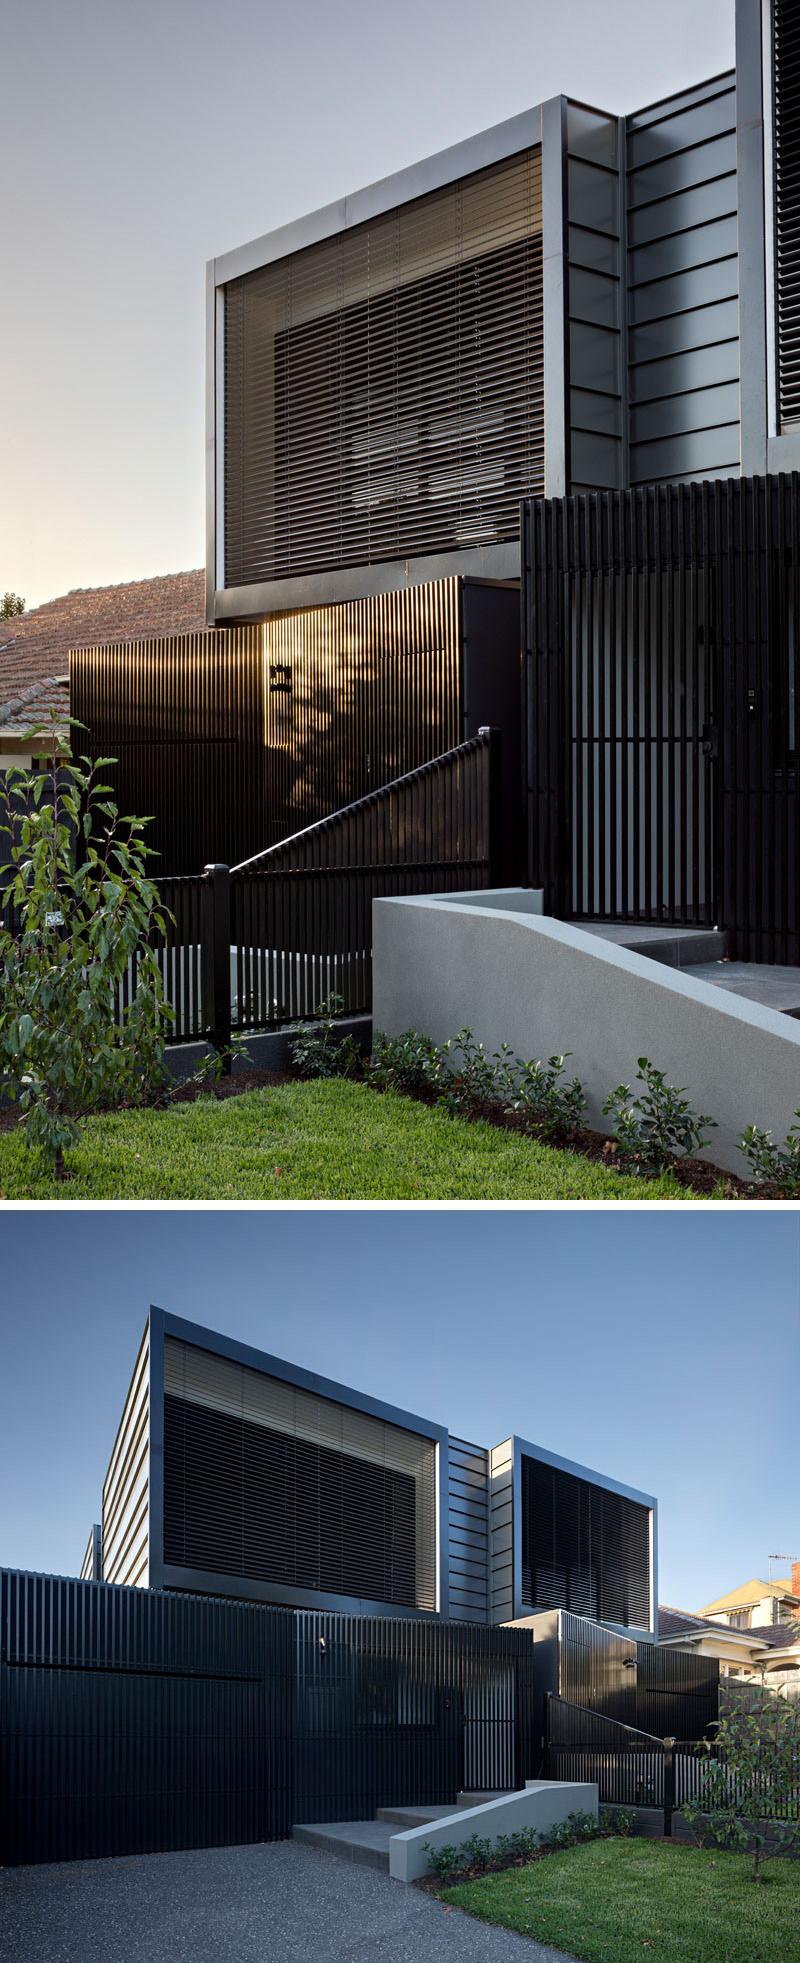 modern-black-townhouses-aluminium-batten-screening-driveway-120517-202-02